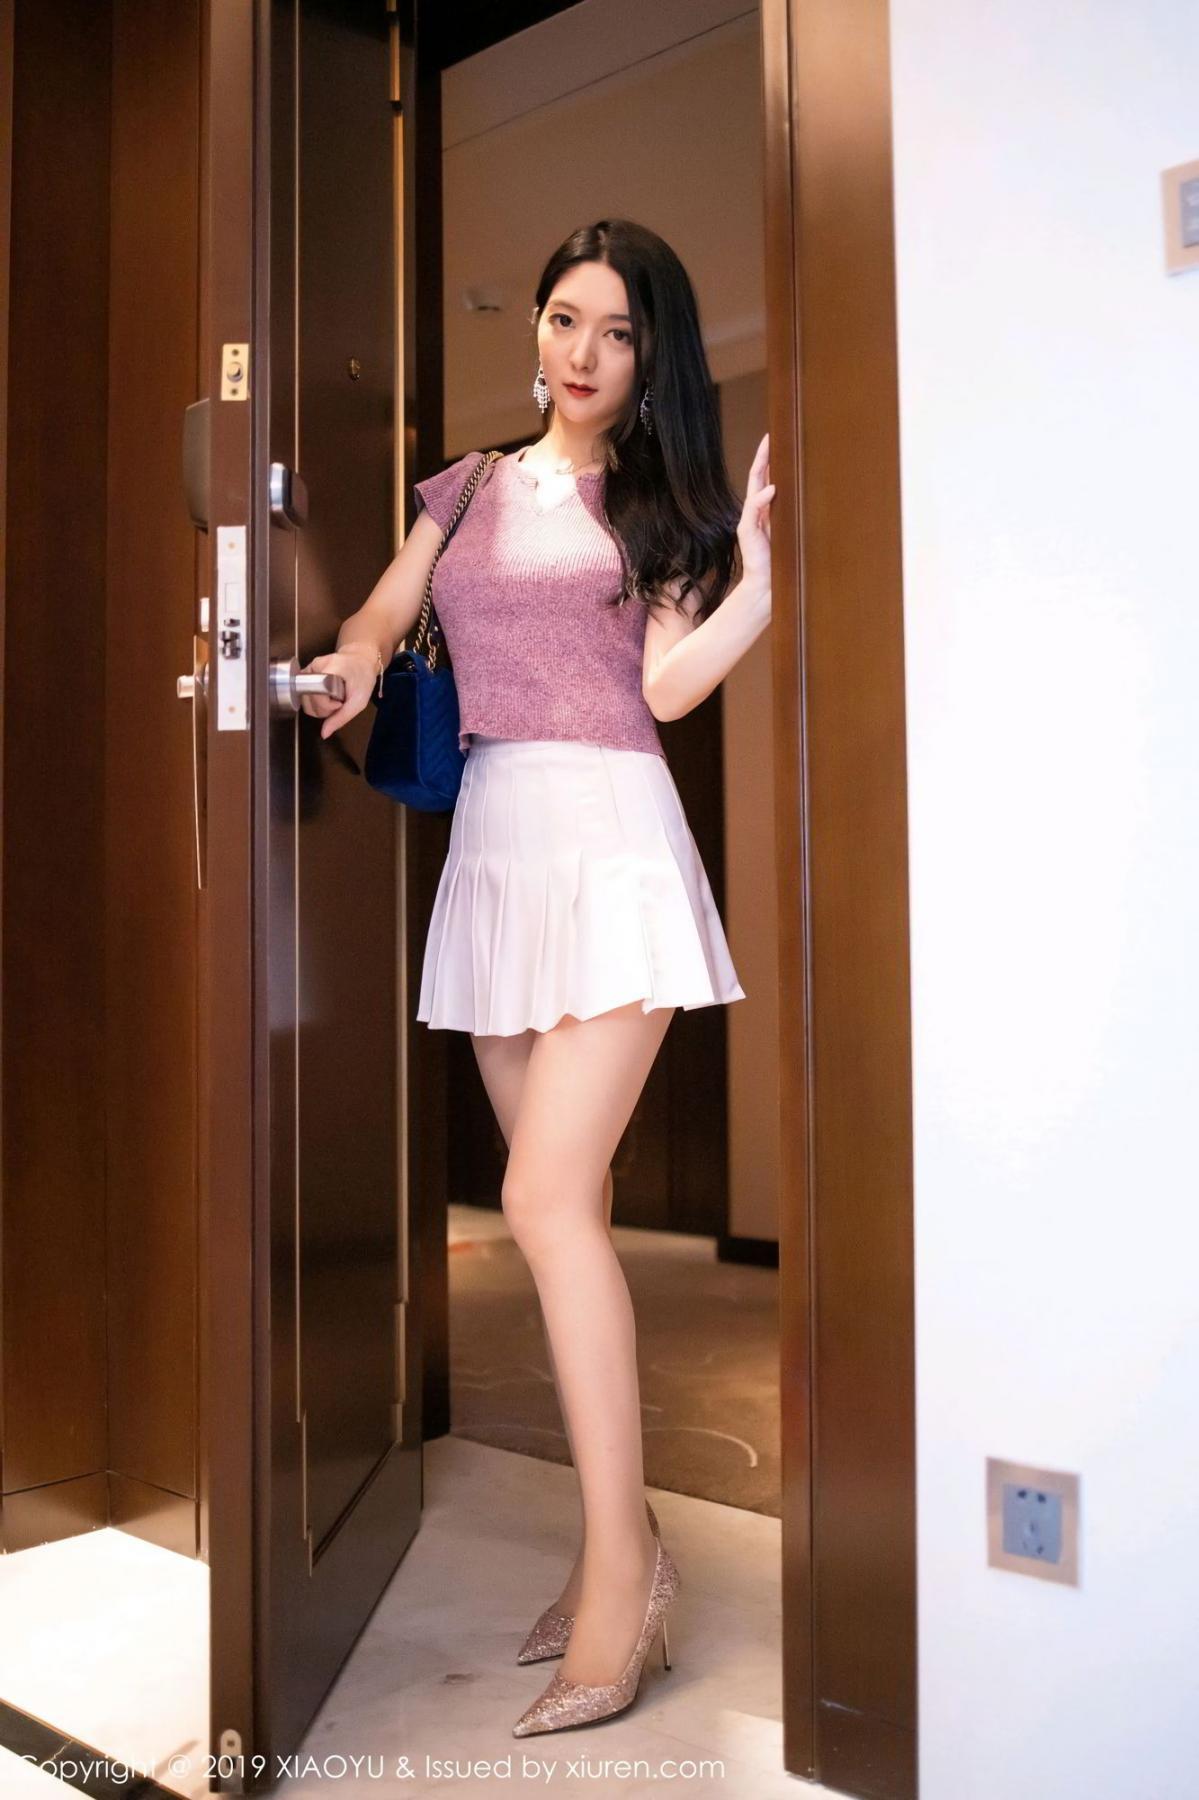 [XiaoYu] Vol.132 Di Yi 7P, Di Yi, Tall, XiaoYu